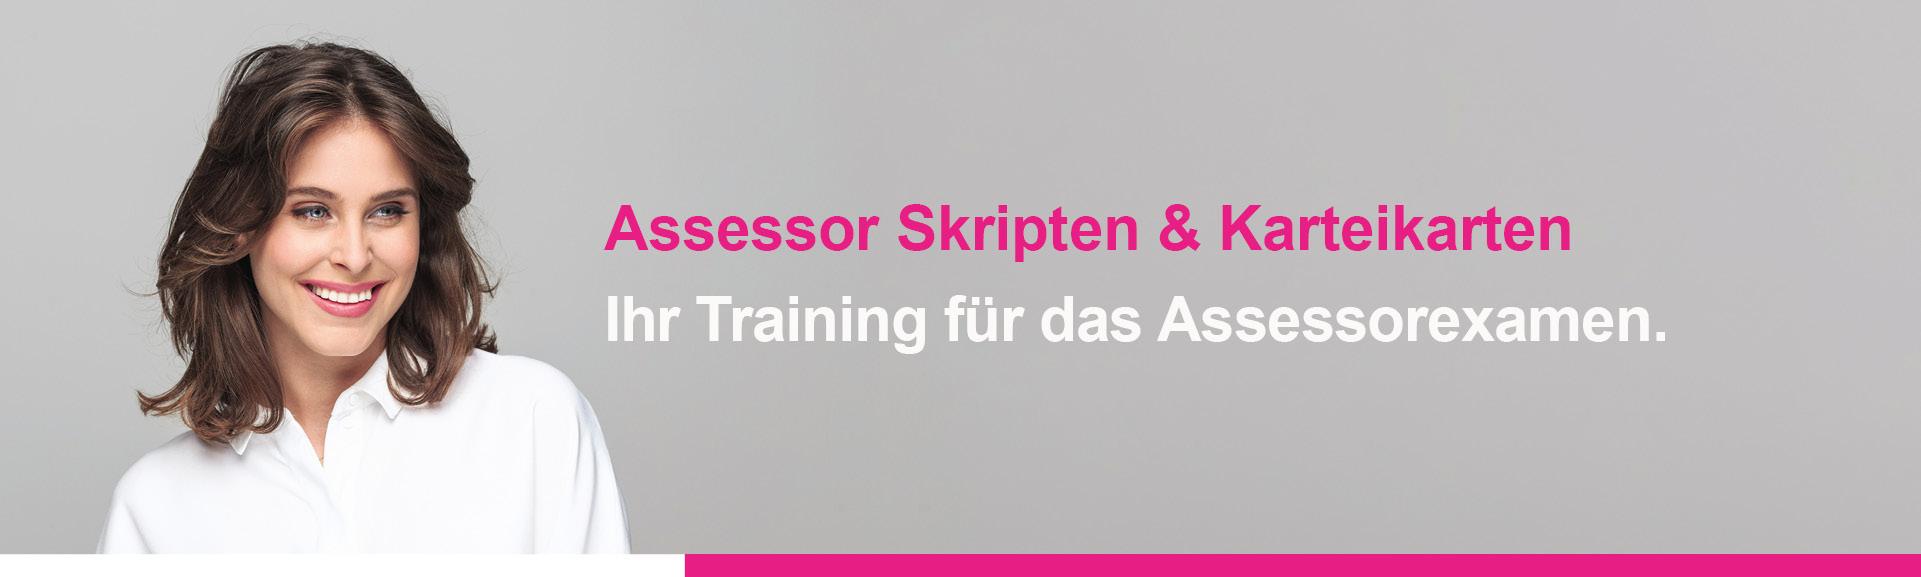 hemmer Assessor Basics Skripten - Das Erfolgsprogramm für das Assessorexamen